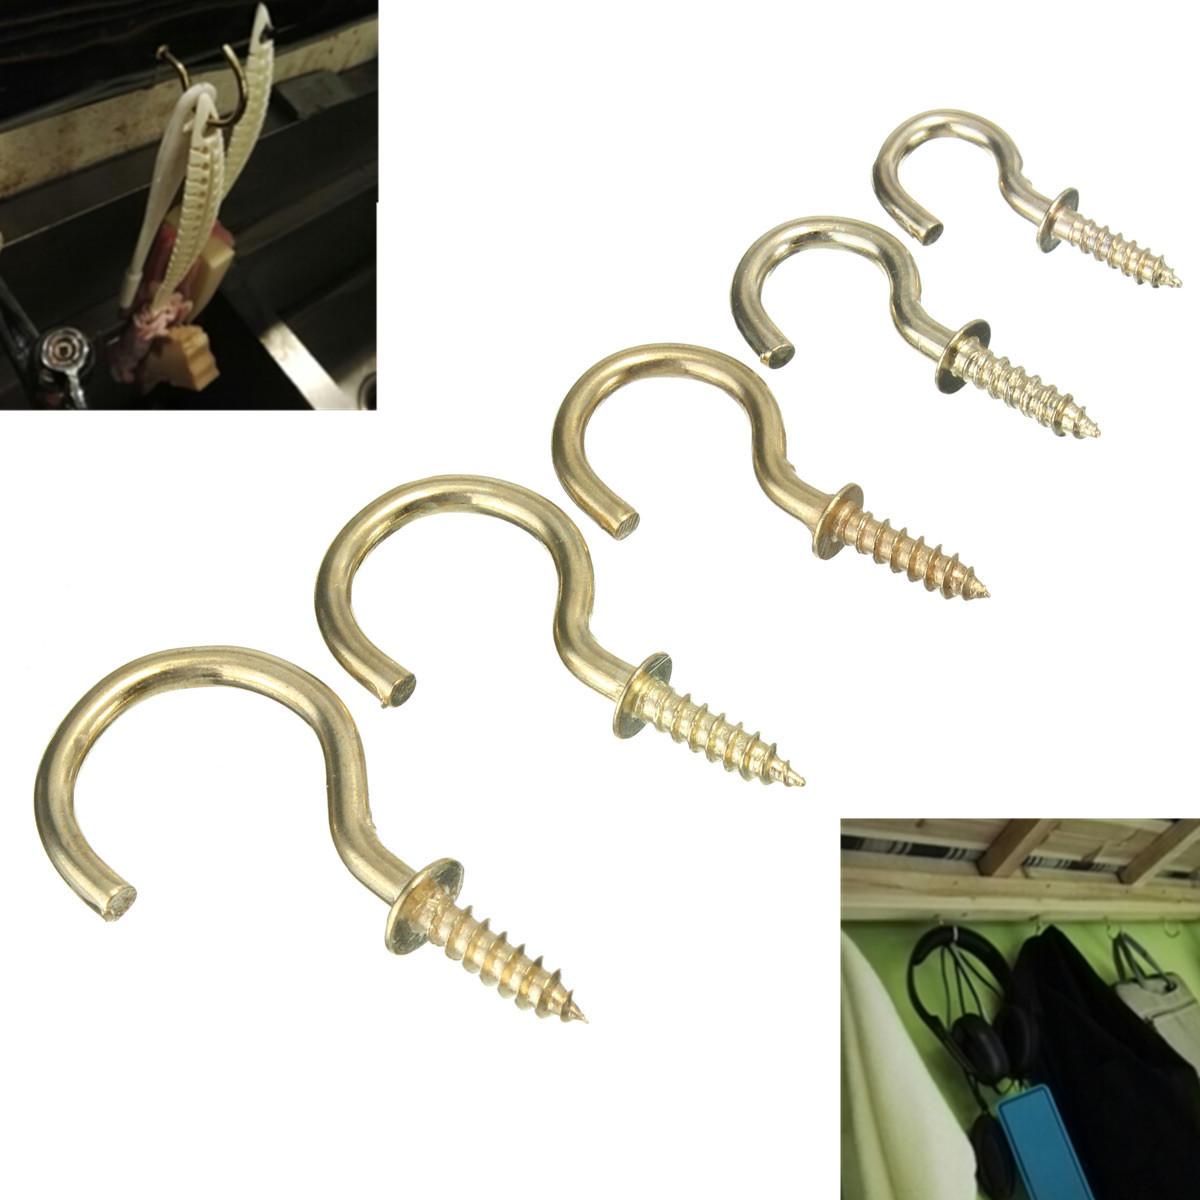 20pcs Brass Plated Cup Mug Hooks Shouldered Screws Hanging Hat Coat Peg Hanger